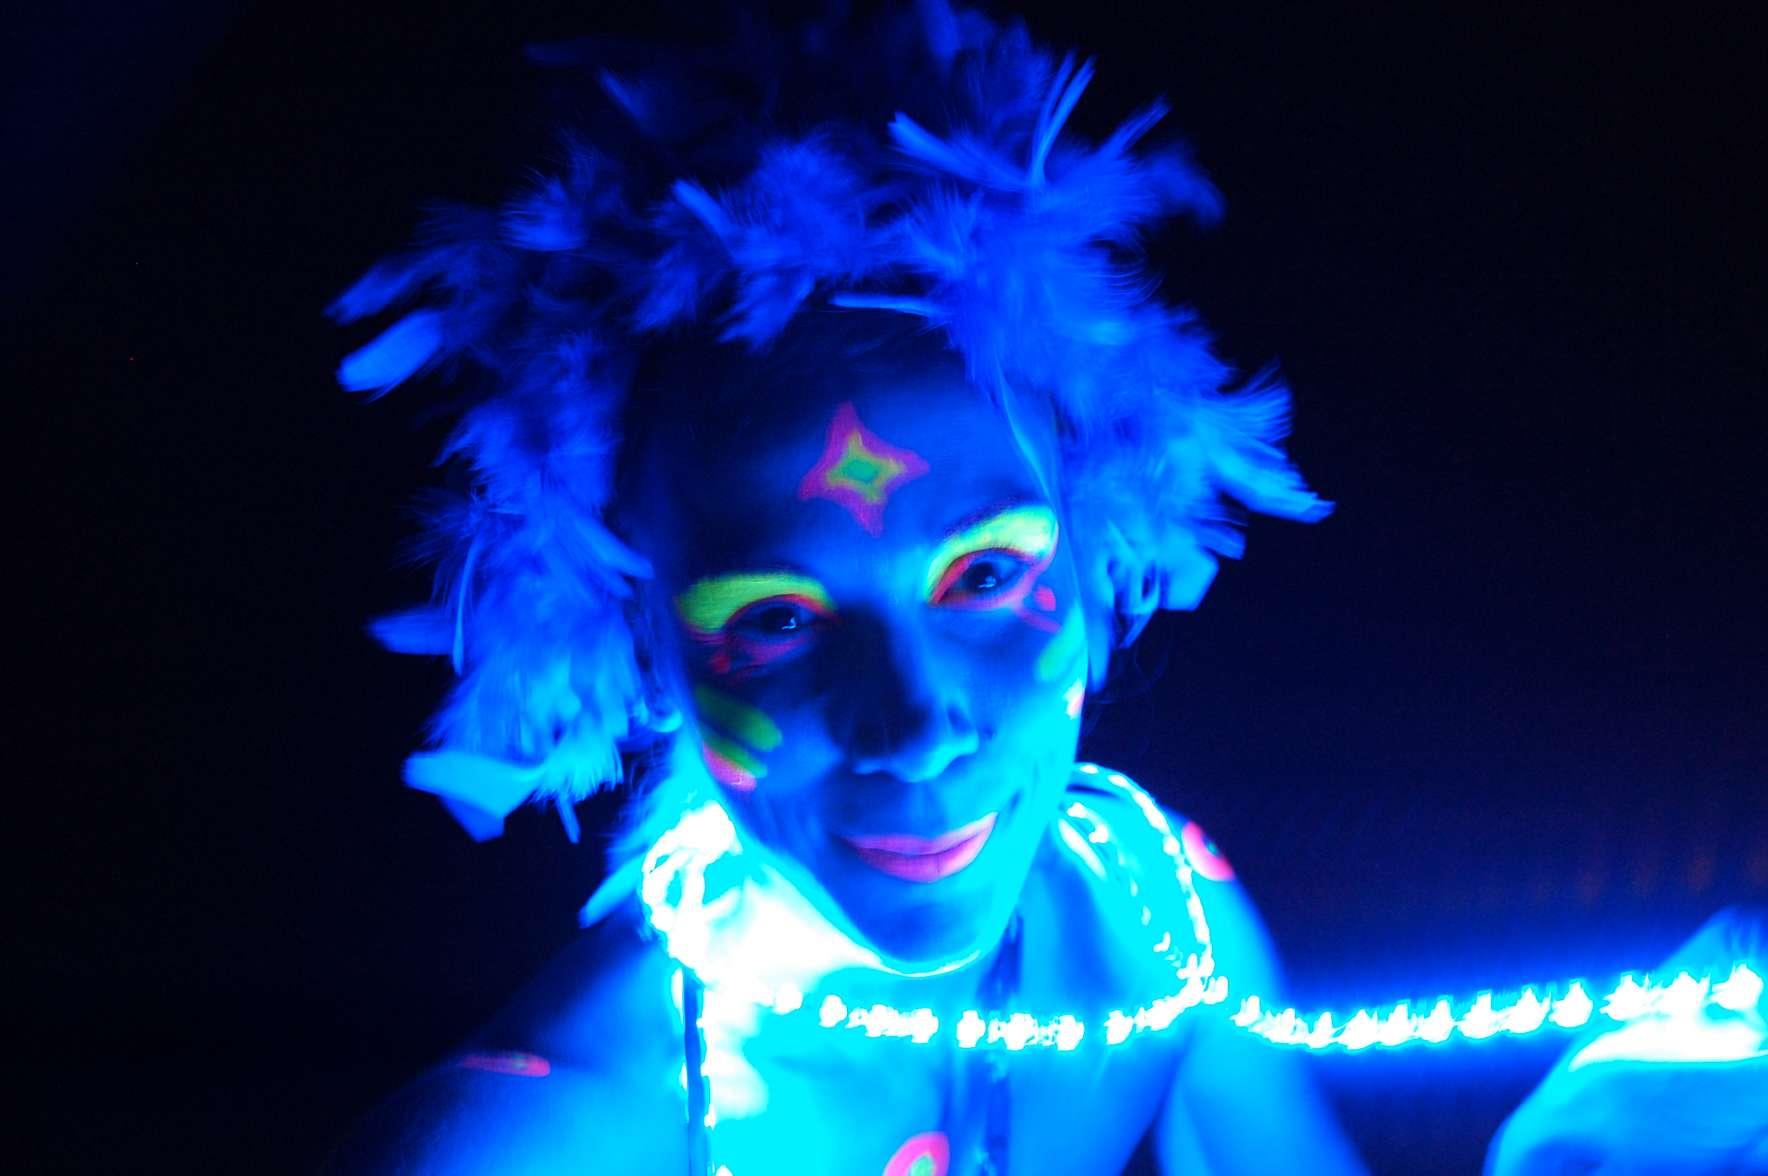 Ανιματέρ με φωσφοριζέ μακιγιάζ και αυτόφωτο κολιέ χαμογελάει σε ιδιωτικό πάρτυ